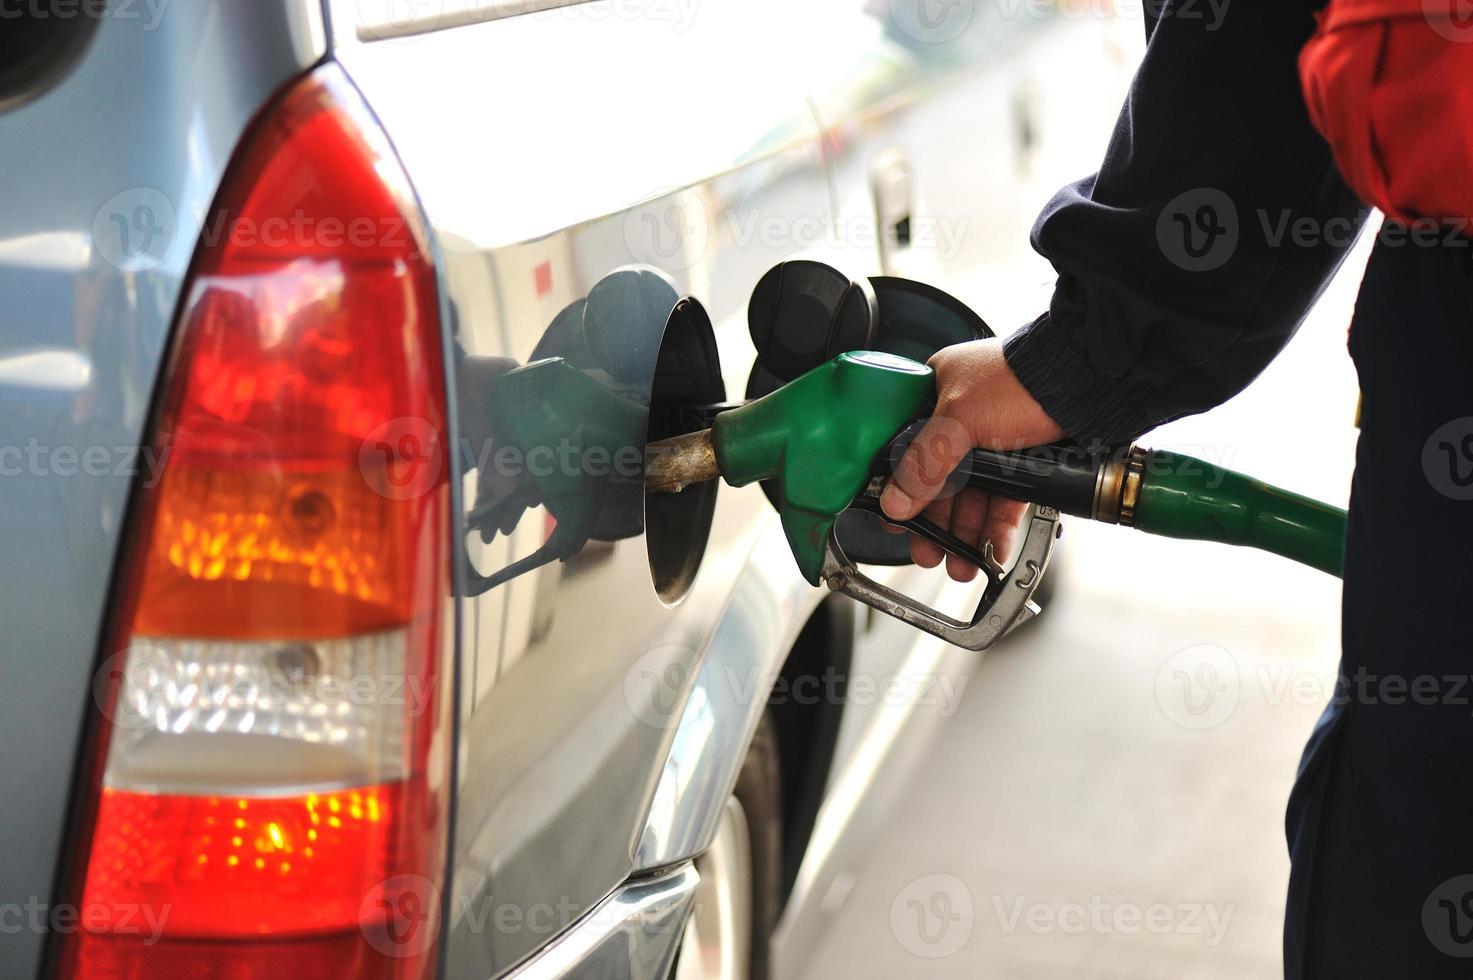 homme, remplissage, voiture, carburant, remplissage, station photo